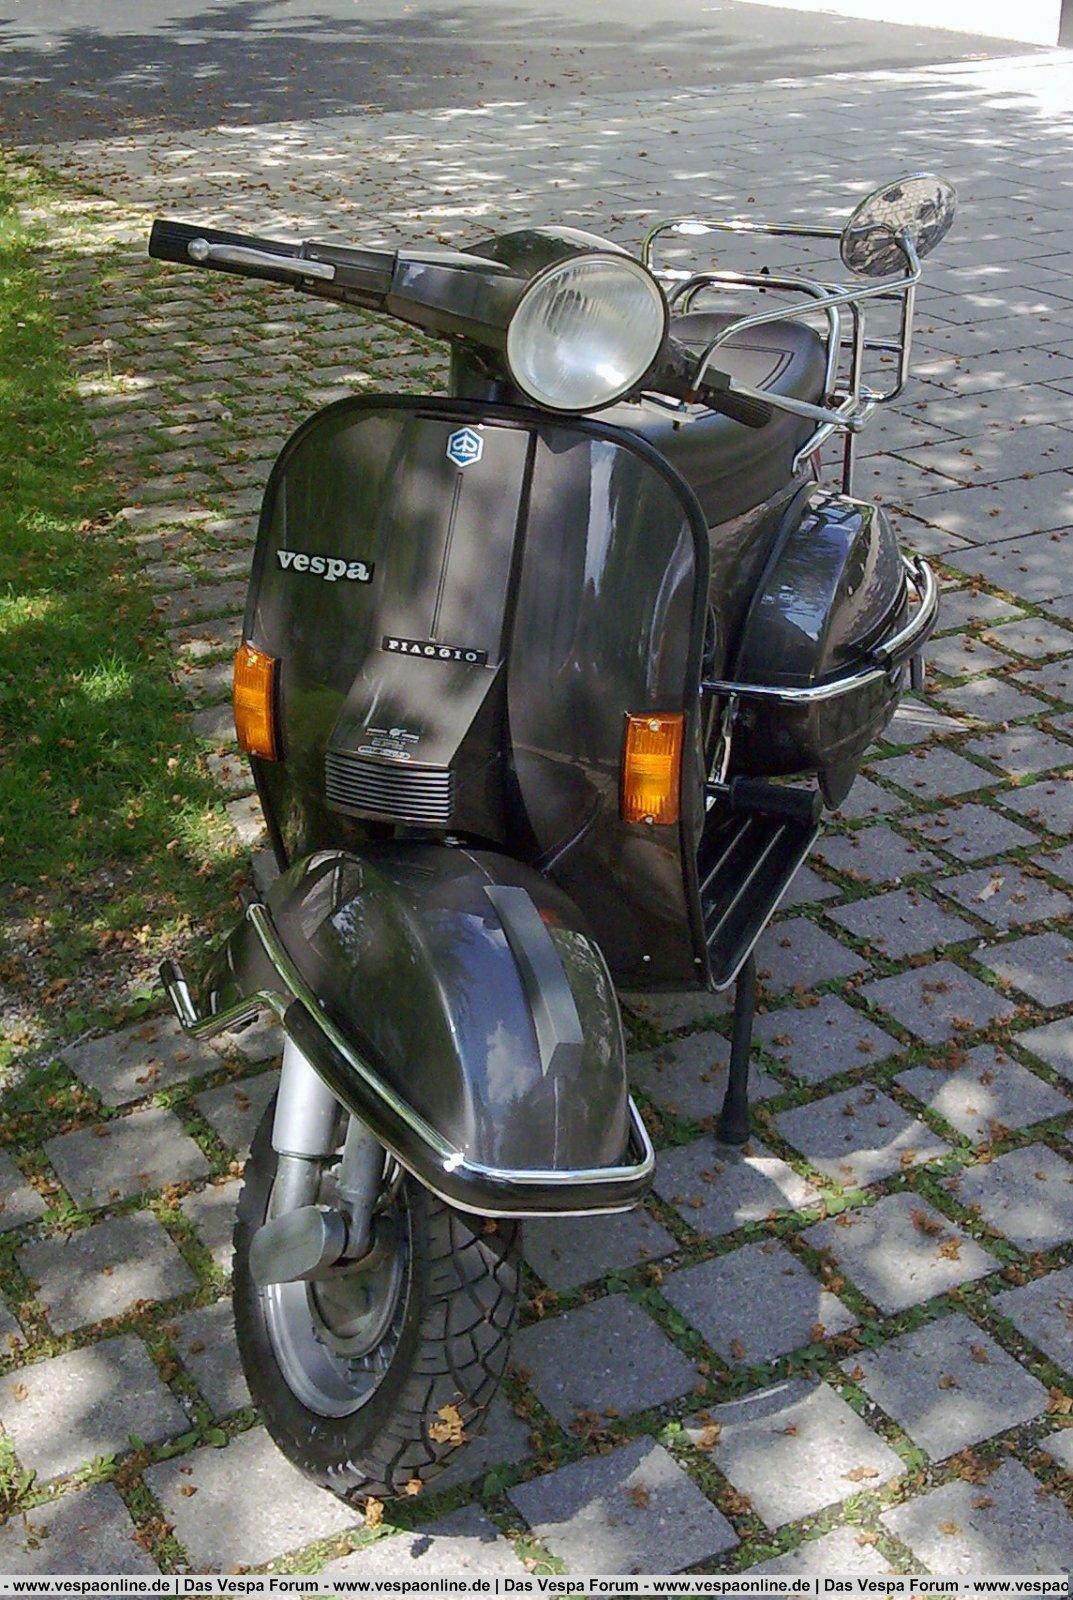 Vespa PX80 Lusso v.jpg